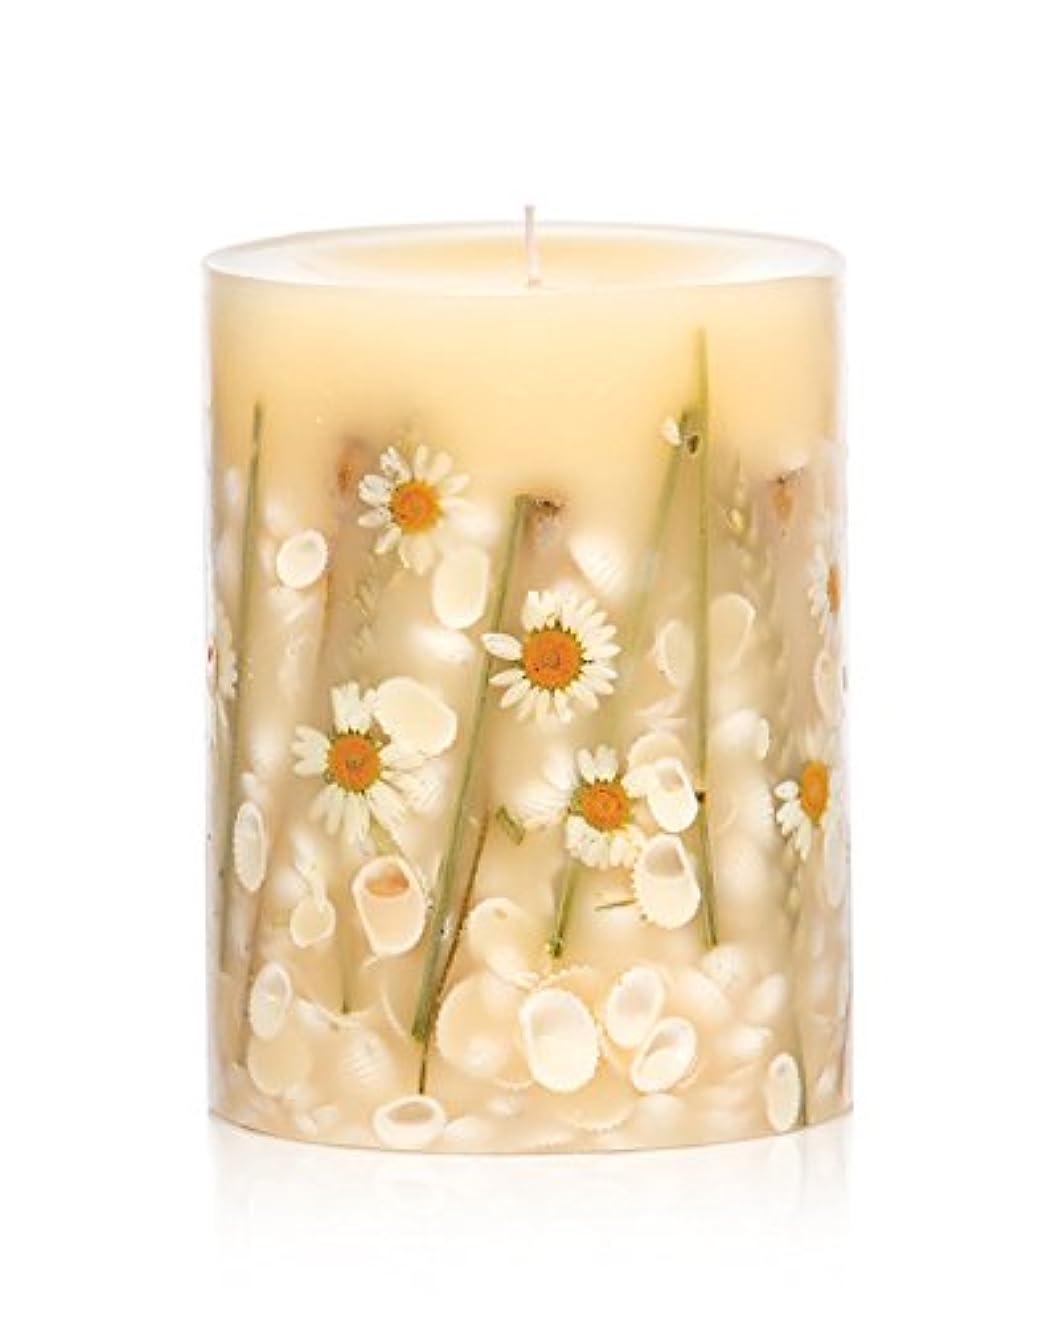 雨のトラクター未亡人ロージーリングス ボタニカルキャンドル ラウンド ビーチデイジー ROSY RINGS Round Botanical Candle Round – Beach Daisy